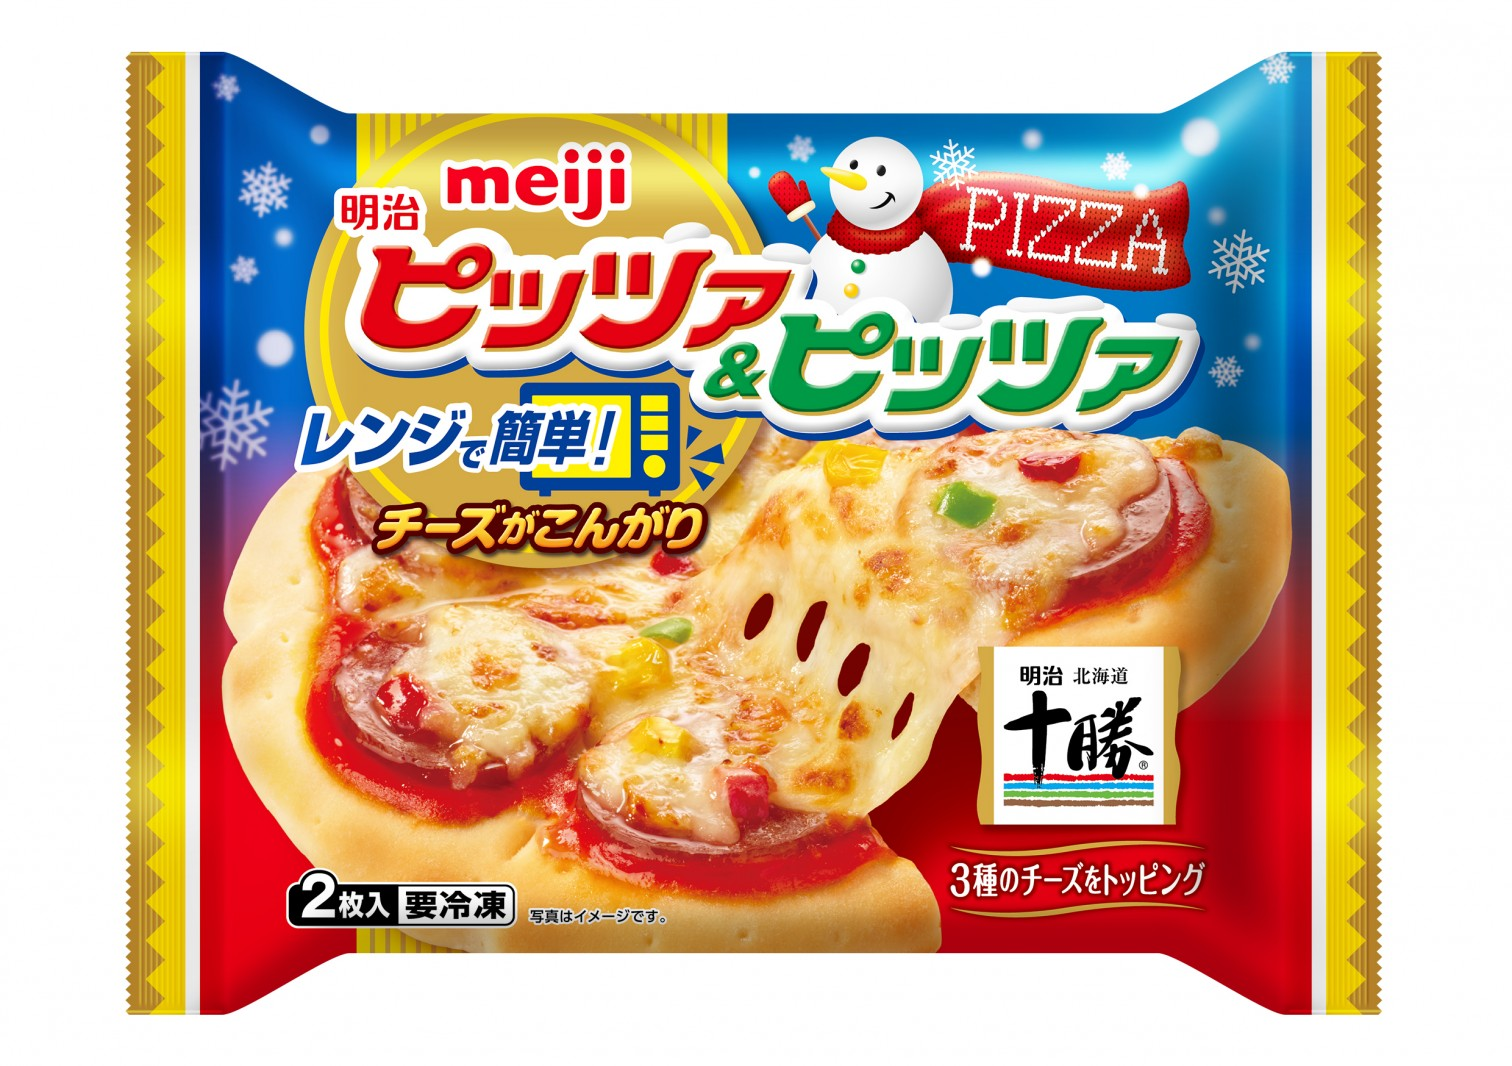 【ブランド別 ベスト5】明治 レンジ2枚ピザ 冬季限定パッケージ発売中